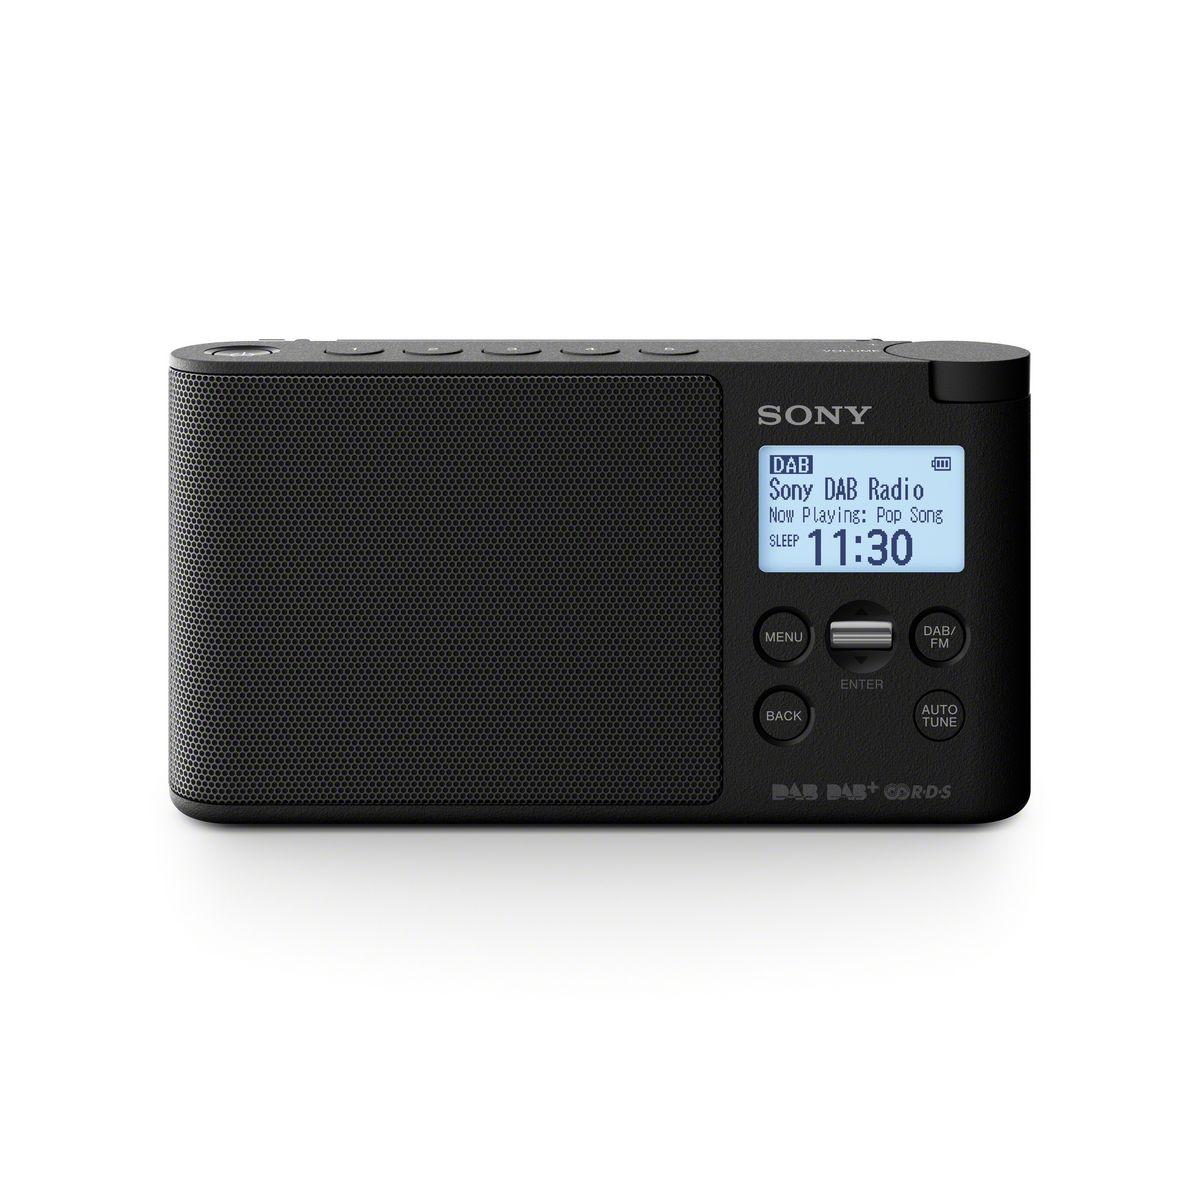 Radio portable digitale DAB/FM - Noir - XDR-S41DBP